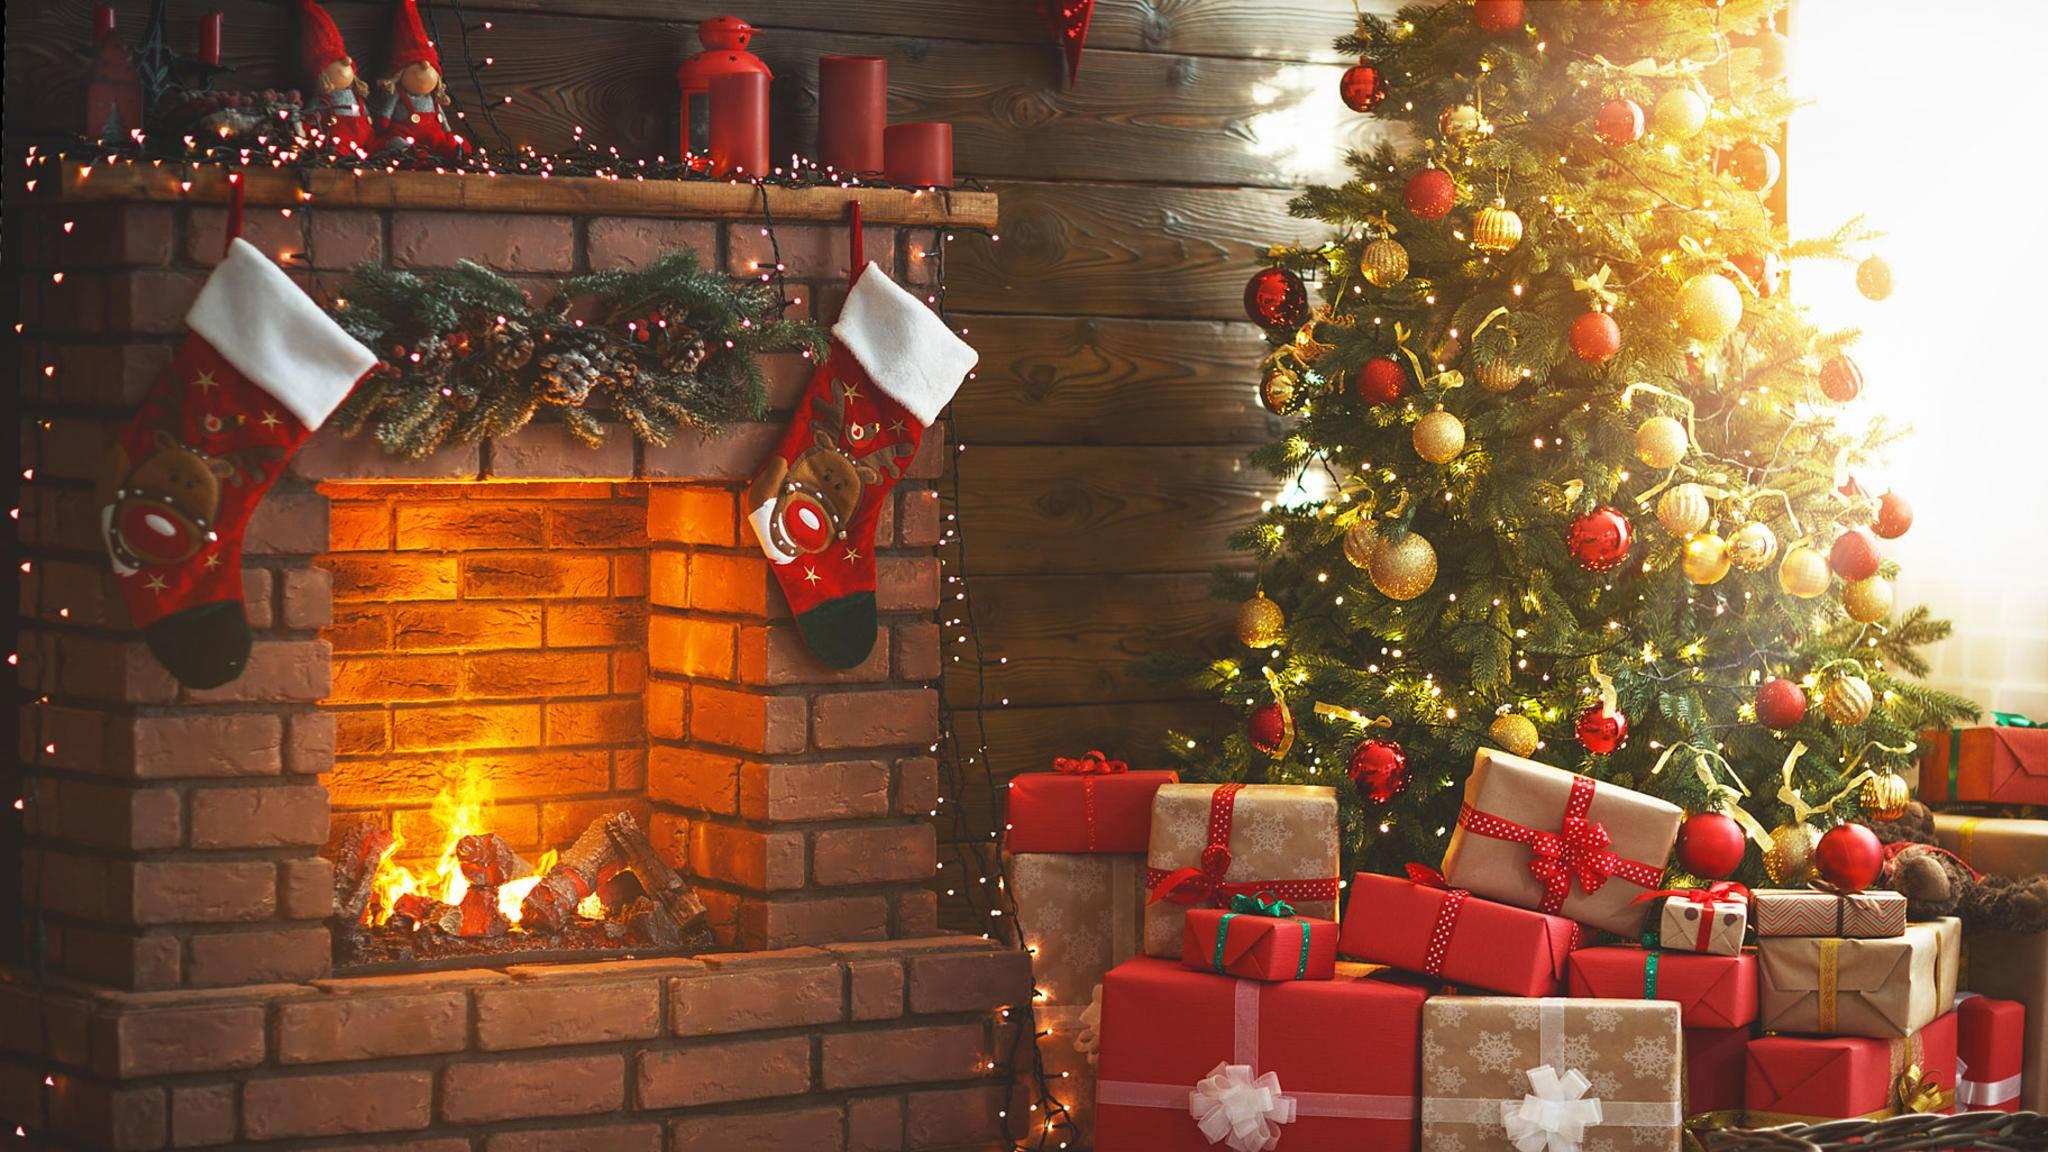 Ist alles weihnachtlich geschmückt, gehört der Griff zur Kamera einfach dazu.